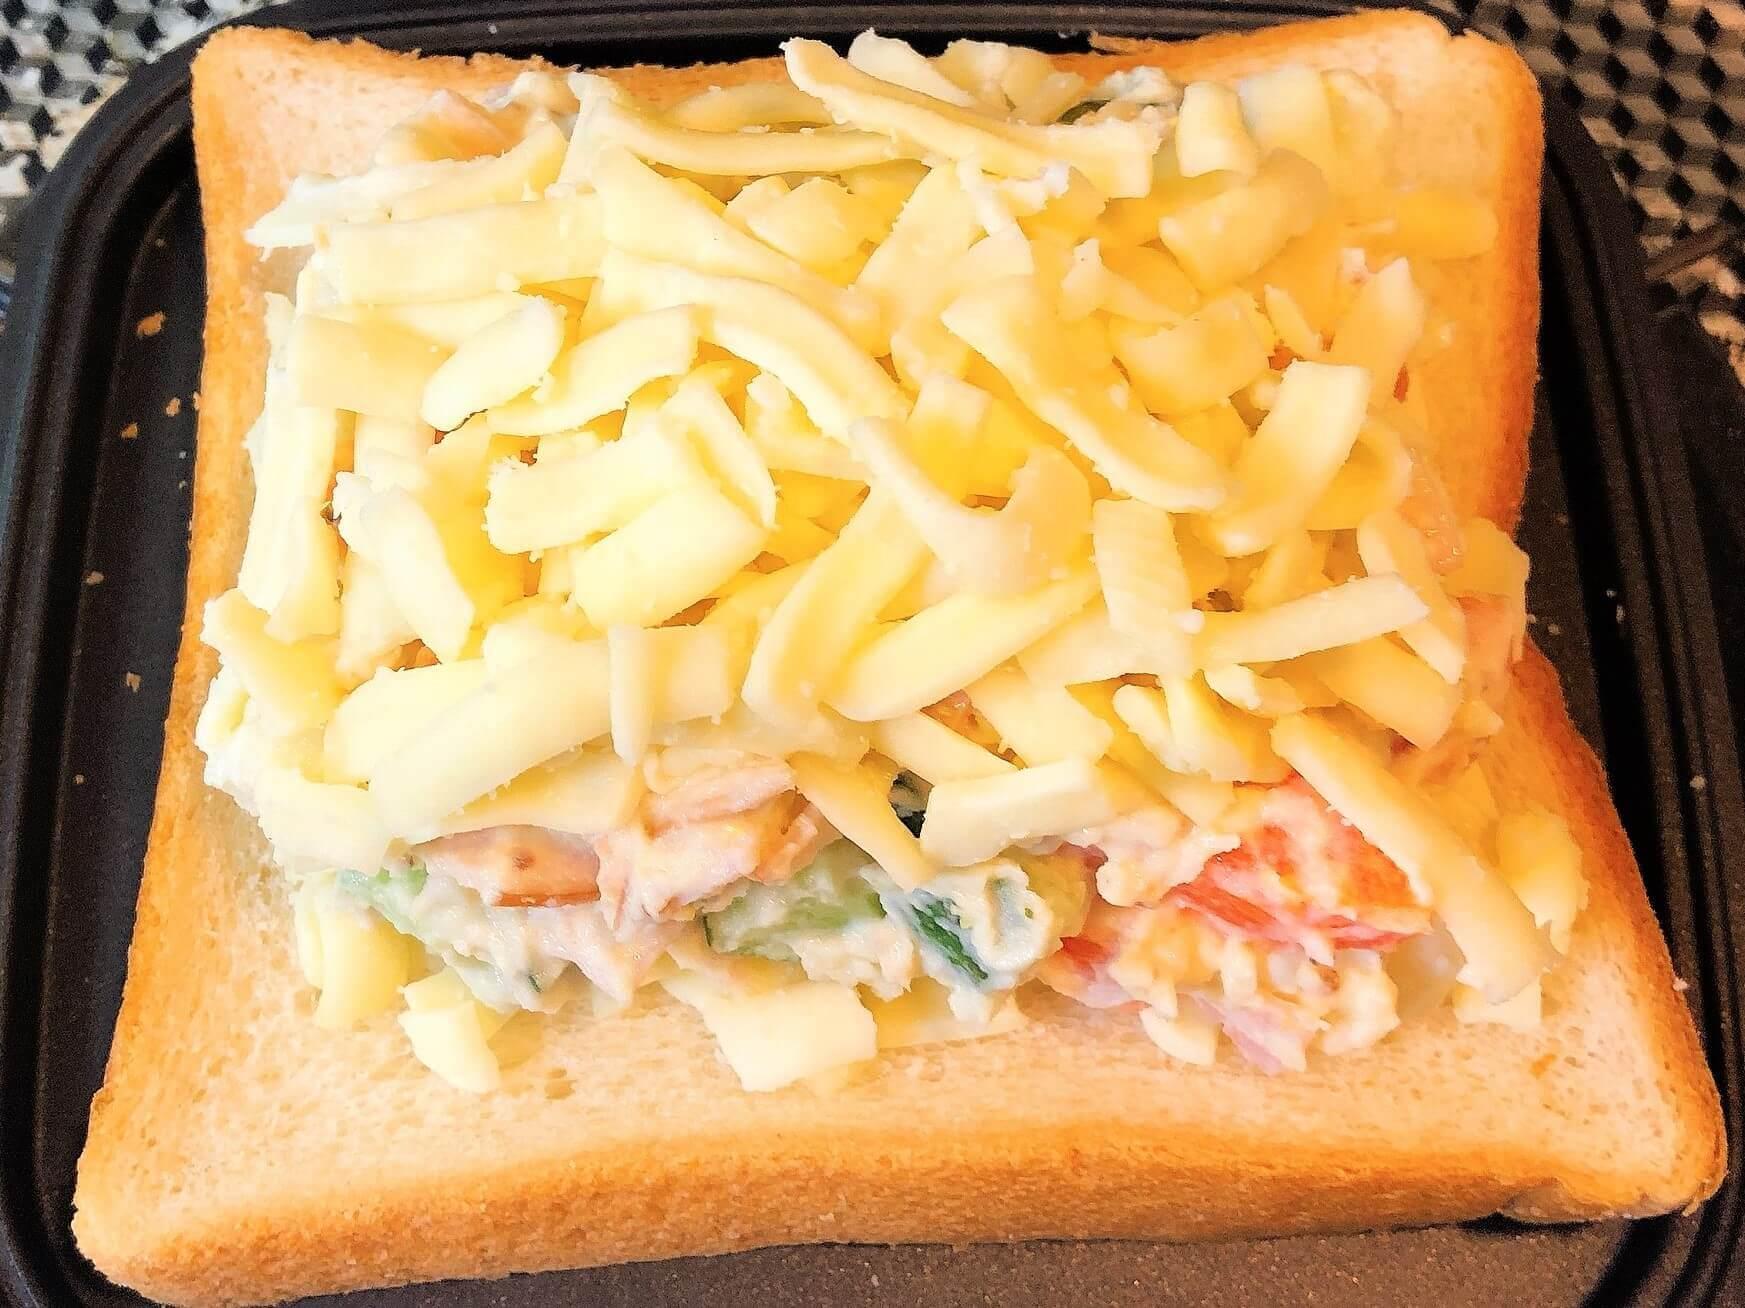 マセドアンサラダのホットサンド、チーズをさらにのせる